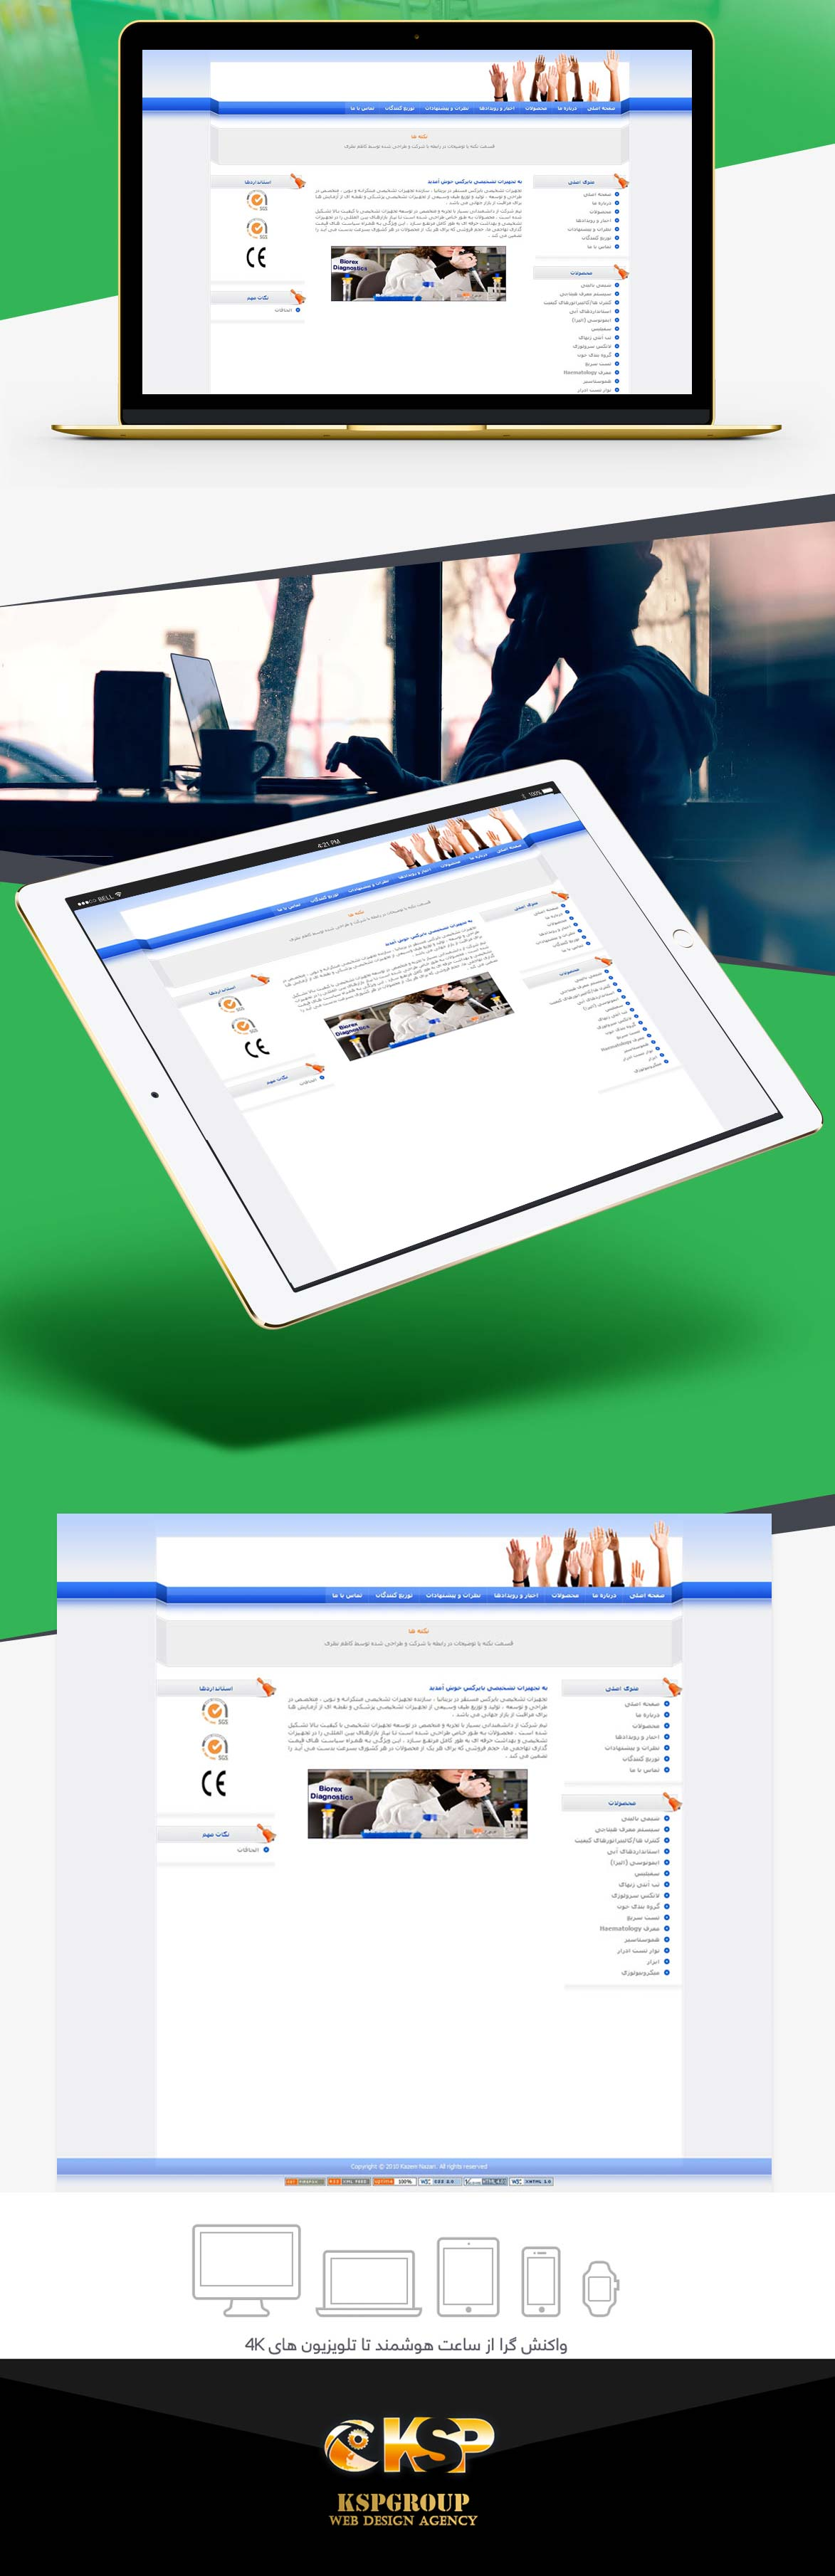 طراحی وب سایت شرکت فارس بایرکس پارس آرین